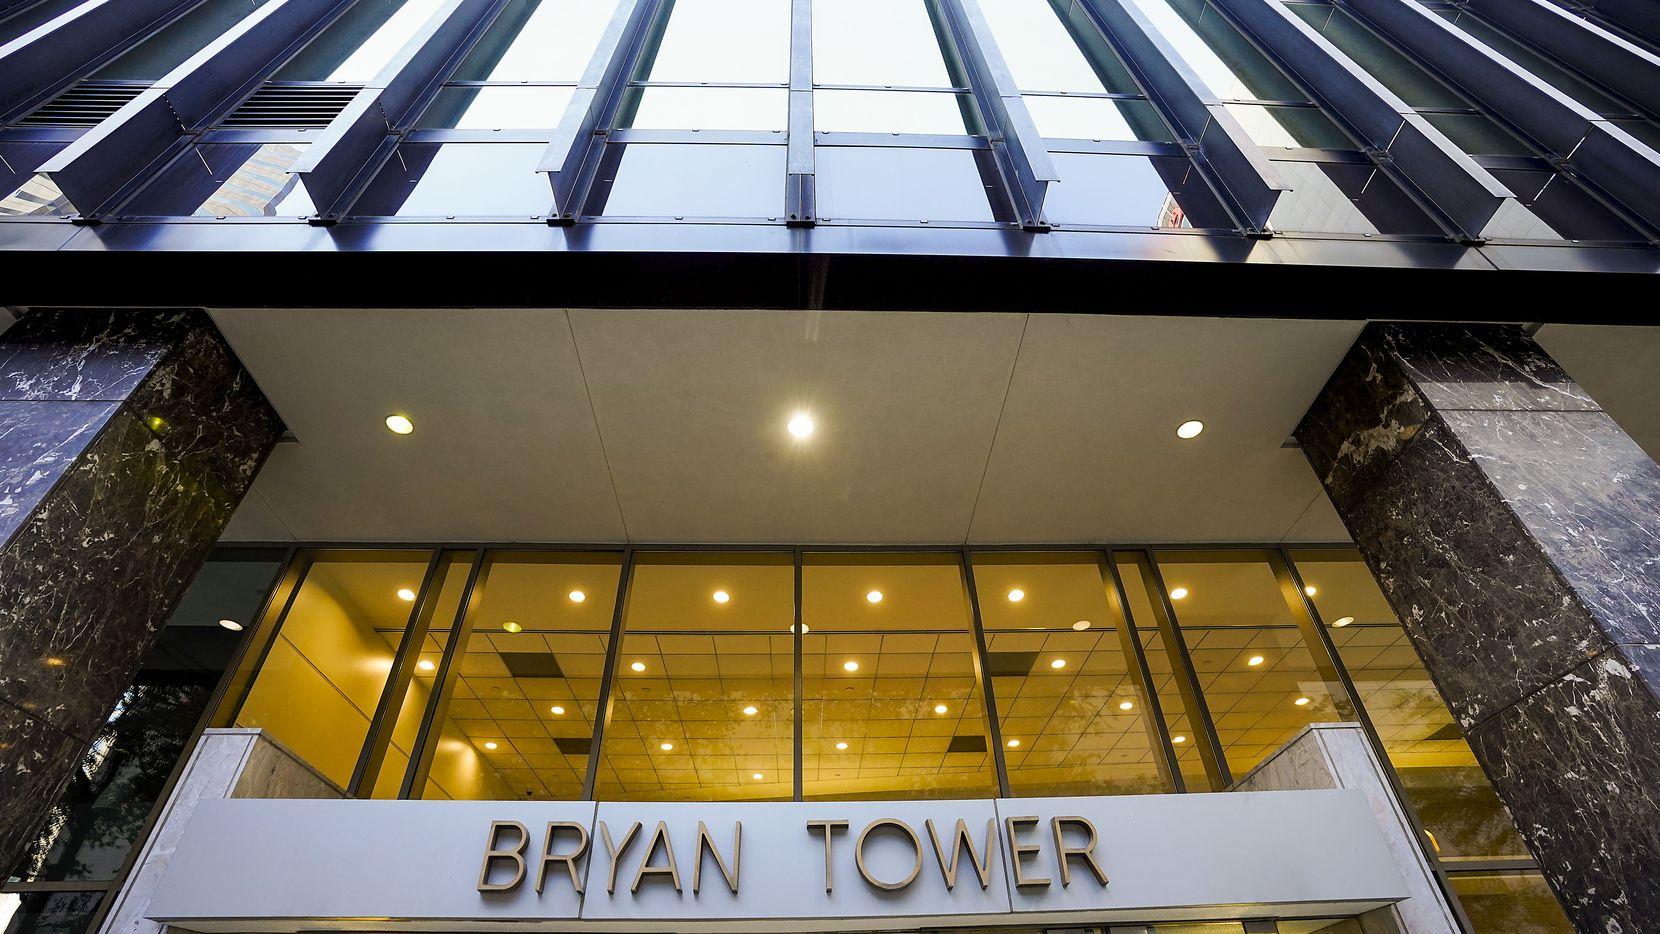 Bryan Tower es uno de los más icónicos edificios del centro de Dallas.